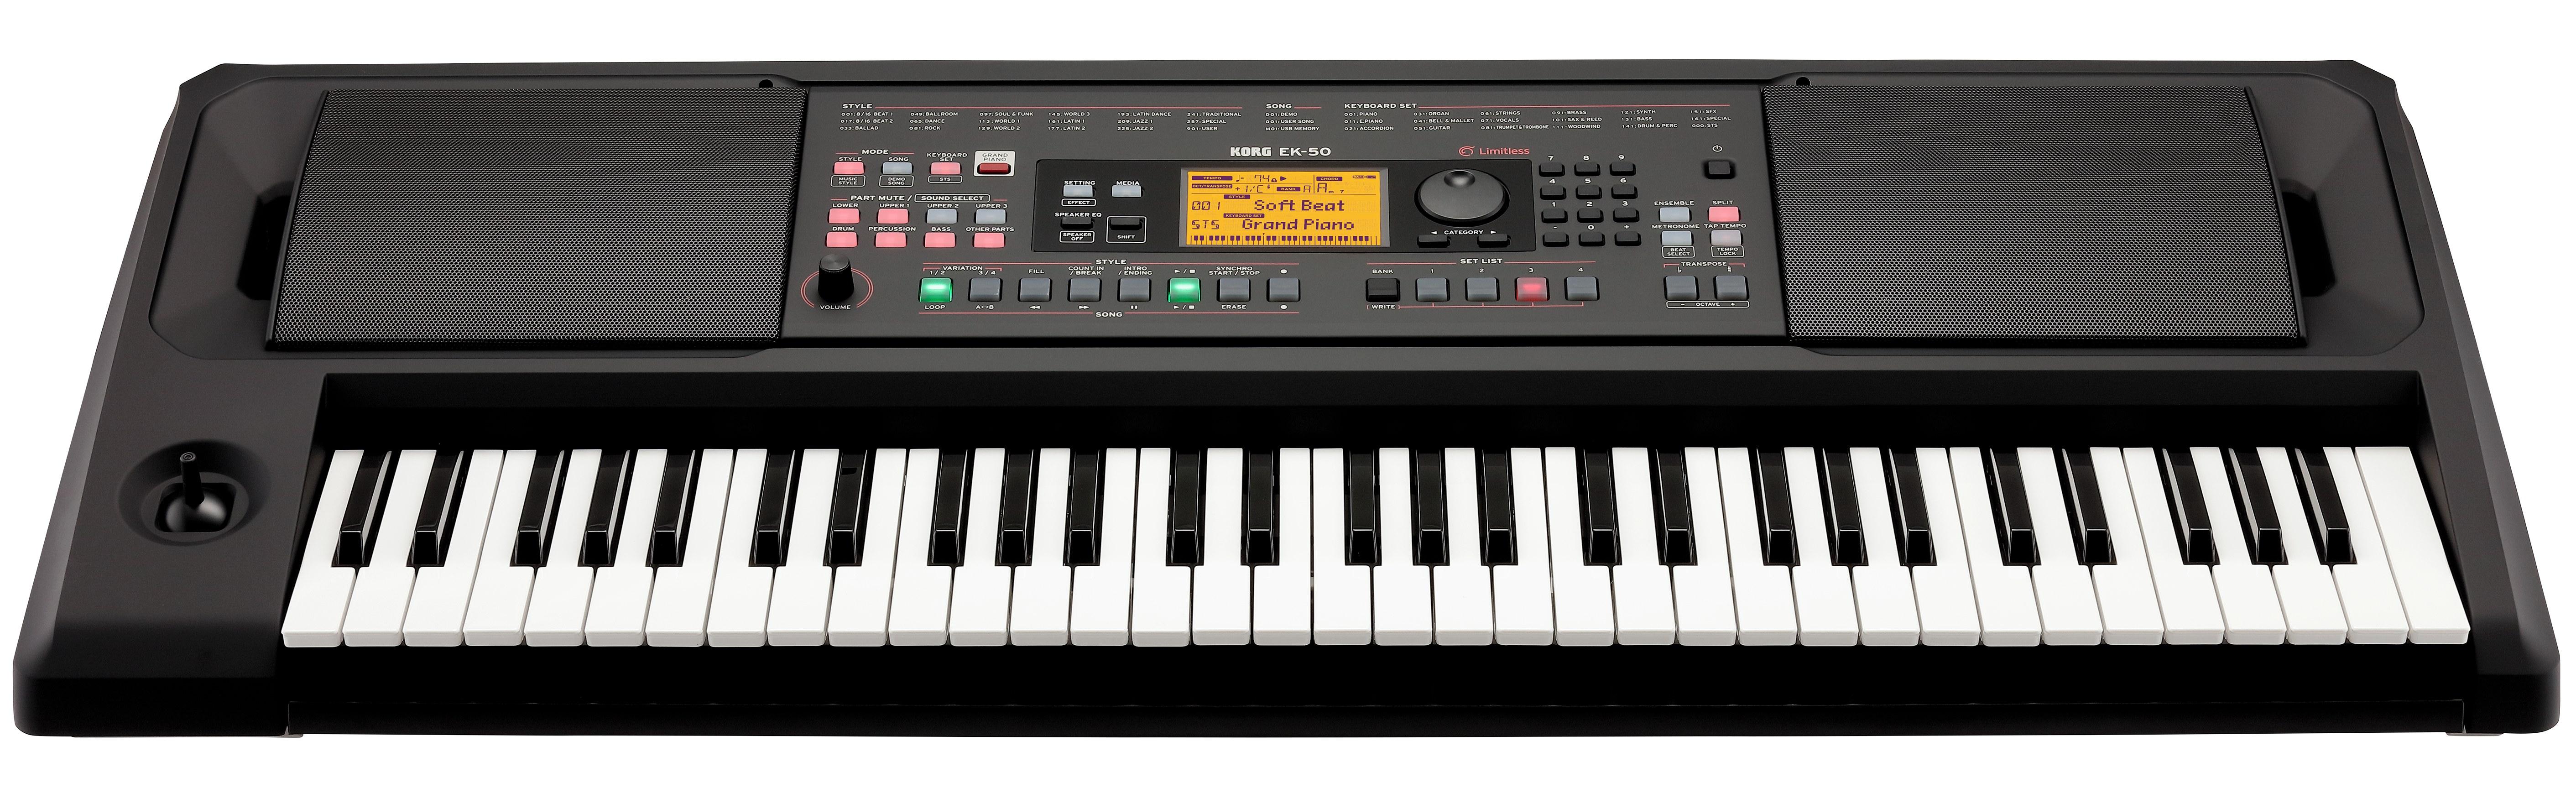 KORG EK-50L Entertainer Keyboard